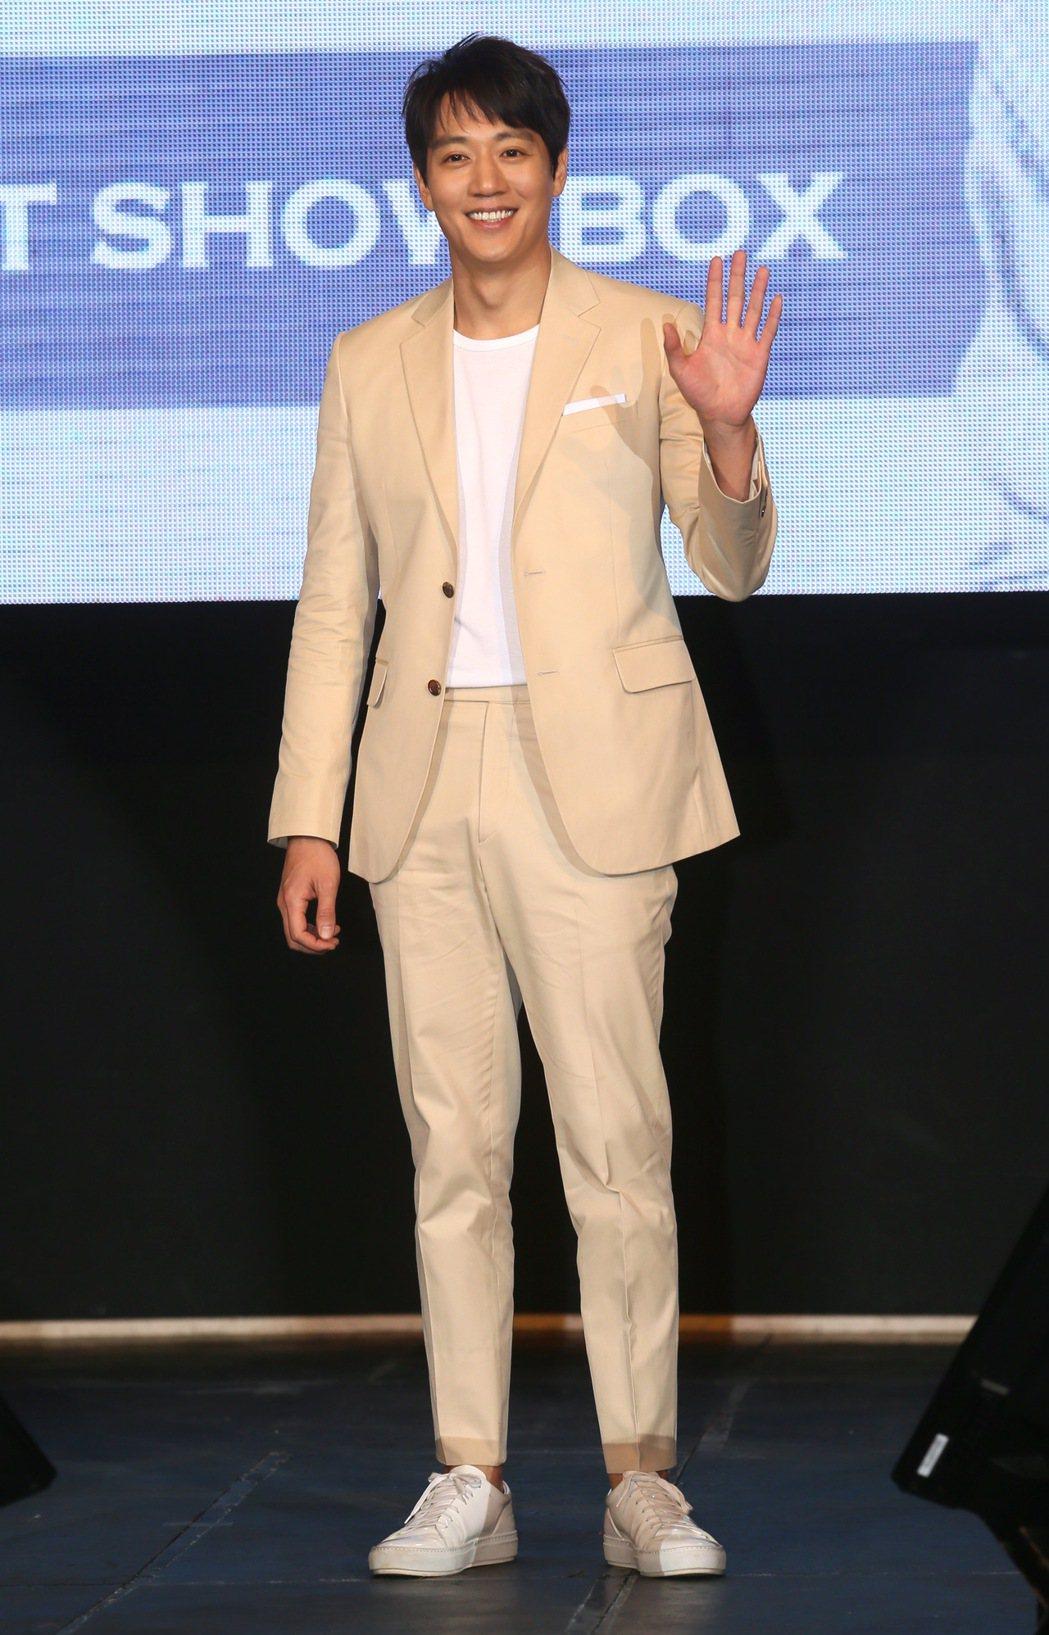 相隔12年韓星金來沅再度來台會粉絲,記者會上他對著鏡頭揮手致意,向粉絲們打招呼。...